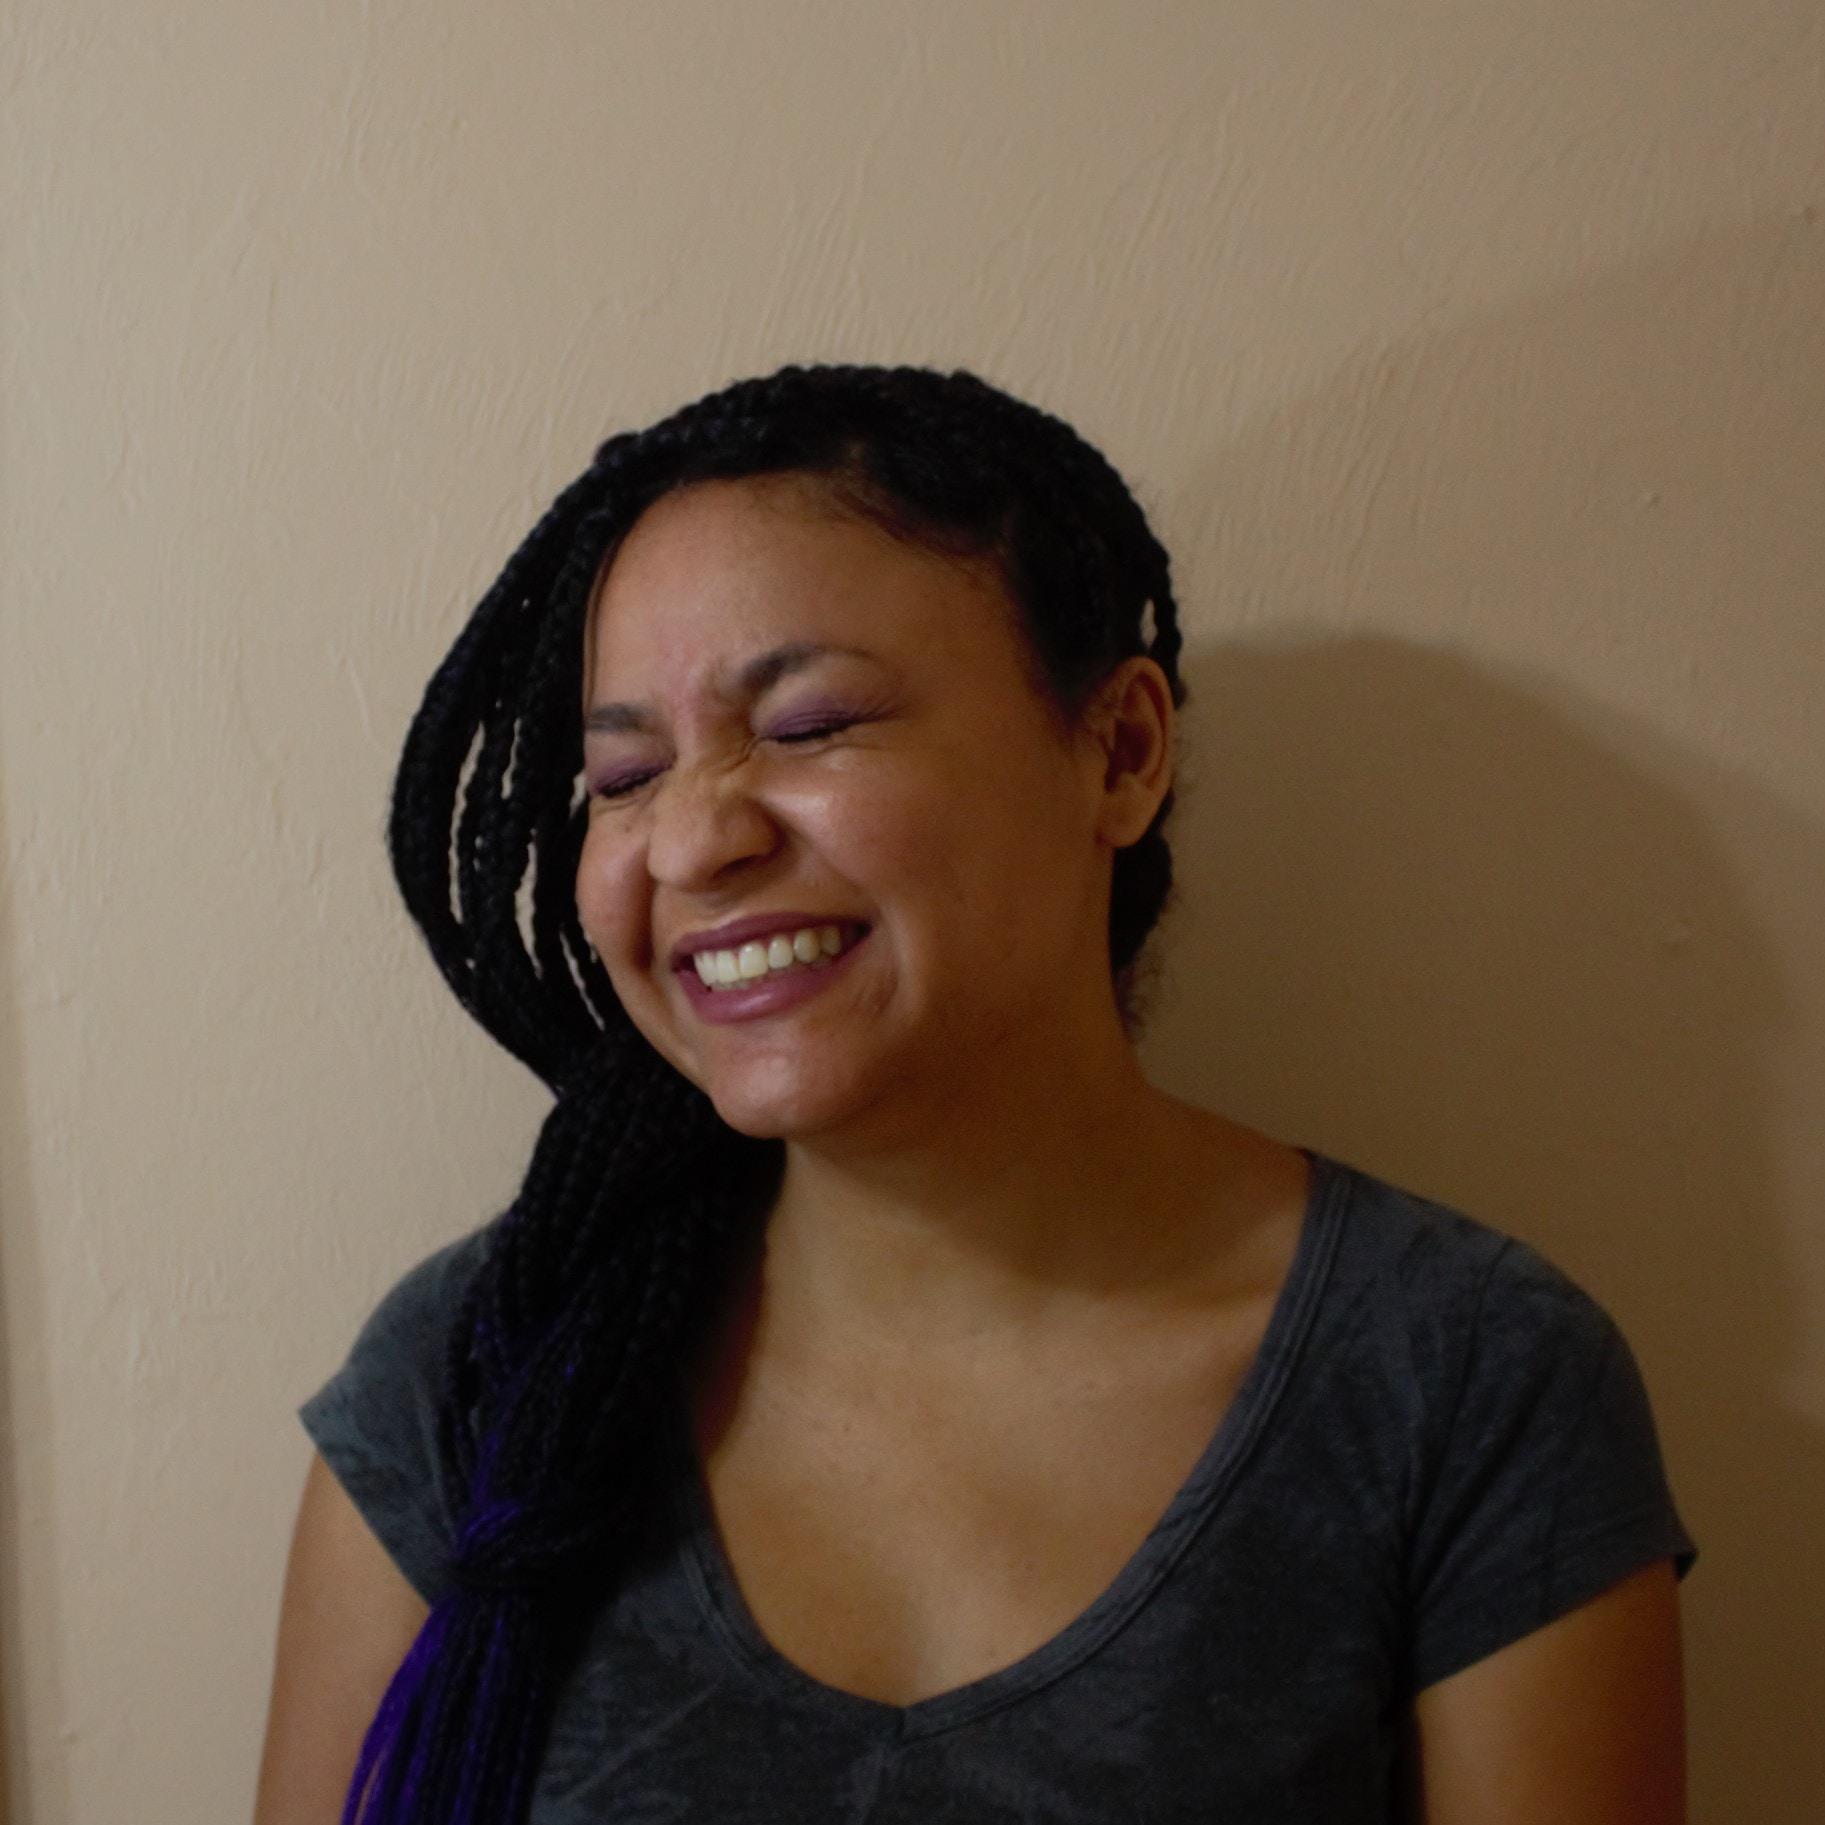 Go to Cheli Scott's profile